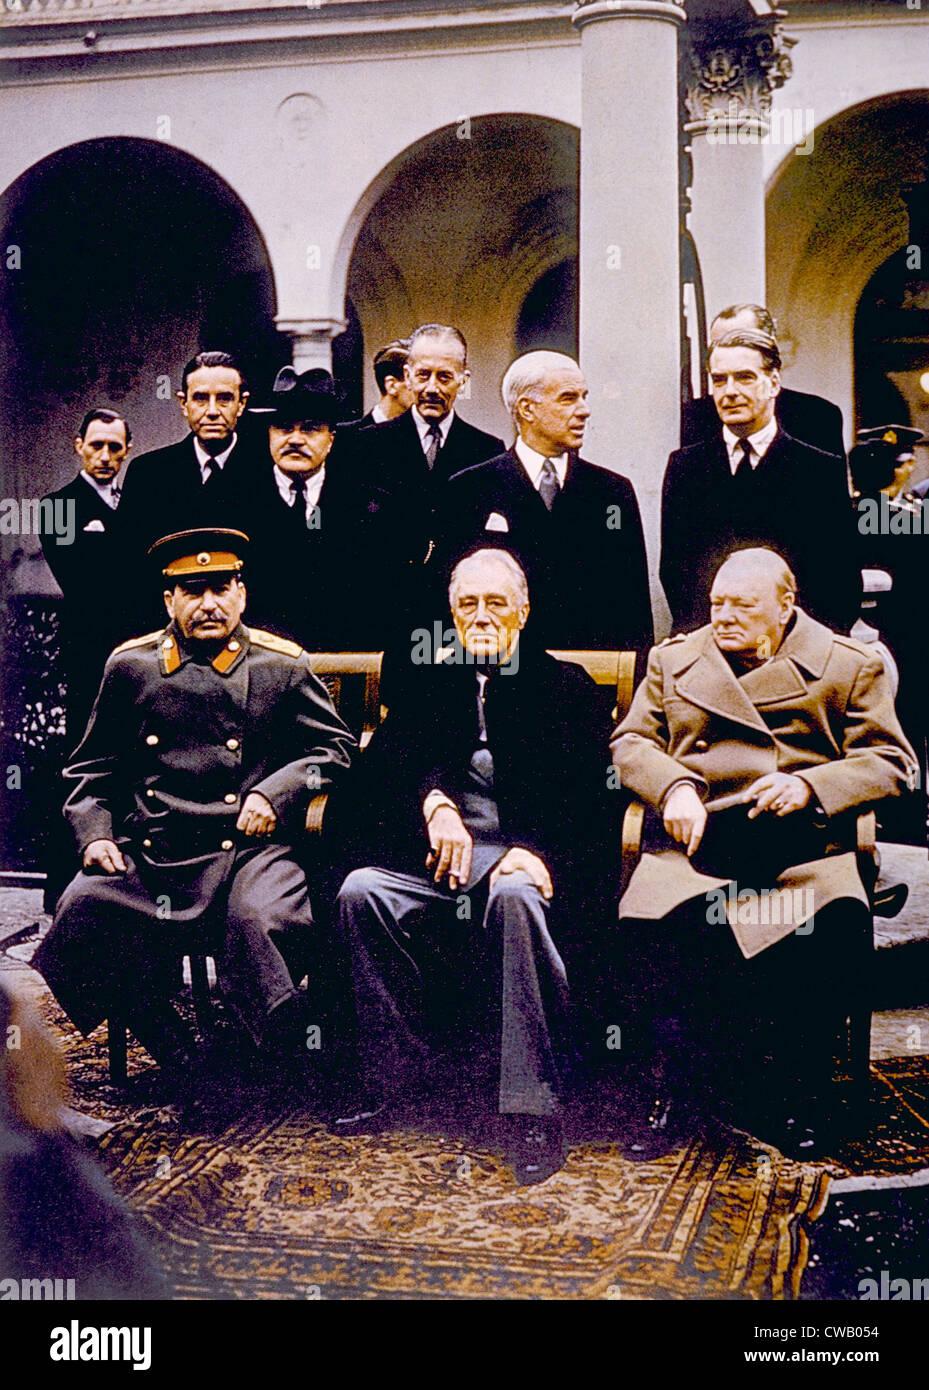 La Conférence de Yalta (assis), Joseph Staline, Franklin D. Roosevelt, Winston Churchill, Février, 1945 Banque D'Images